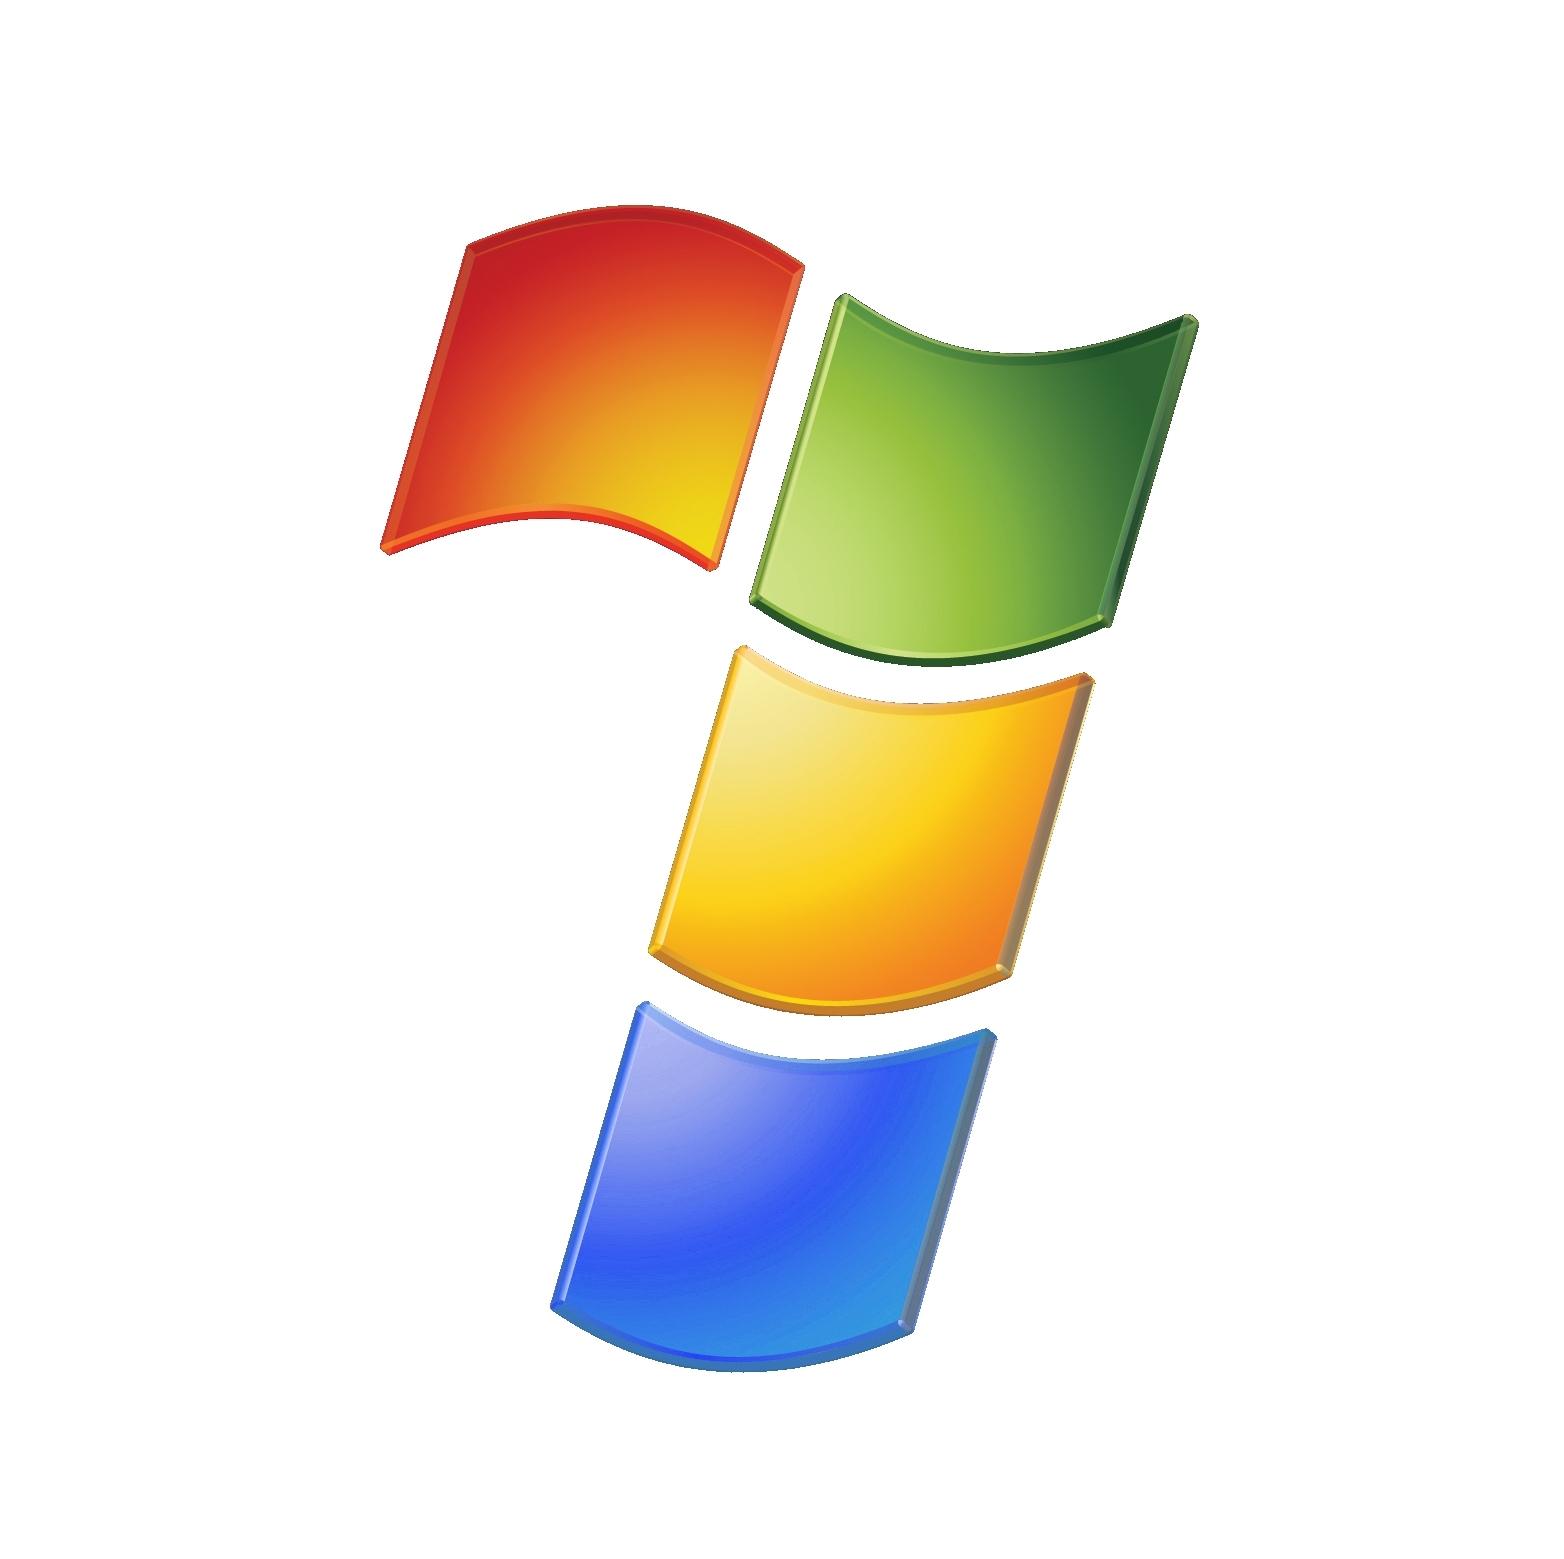 windows 7 images logo - photo #15